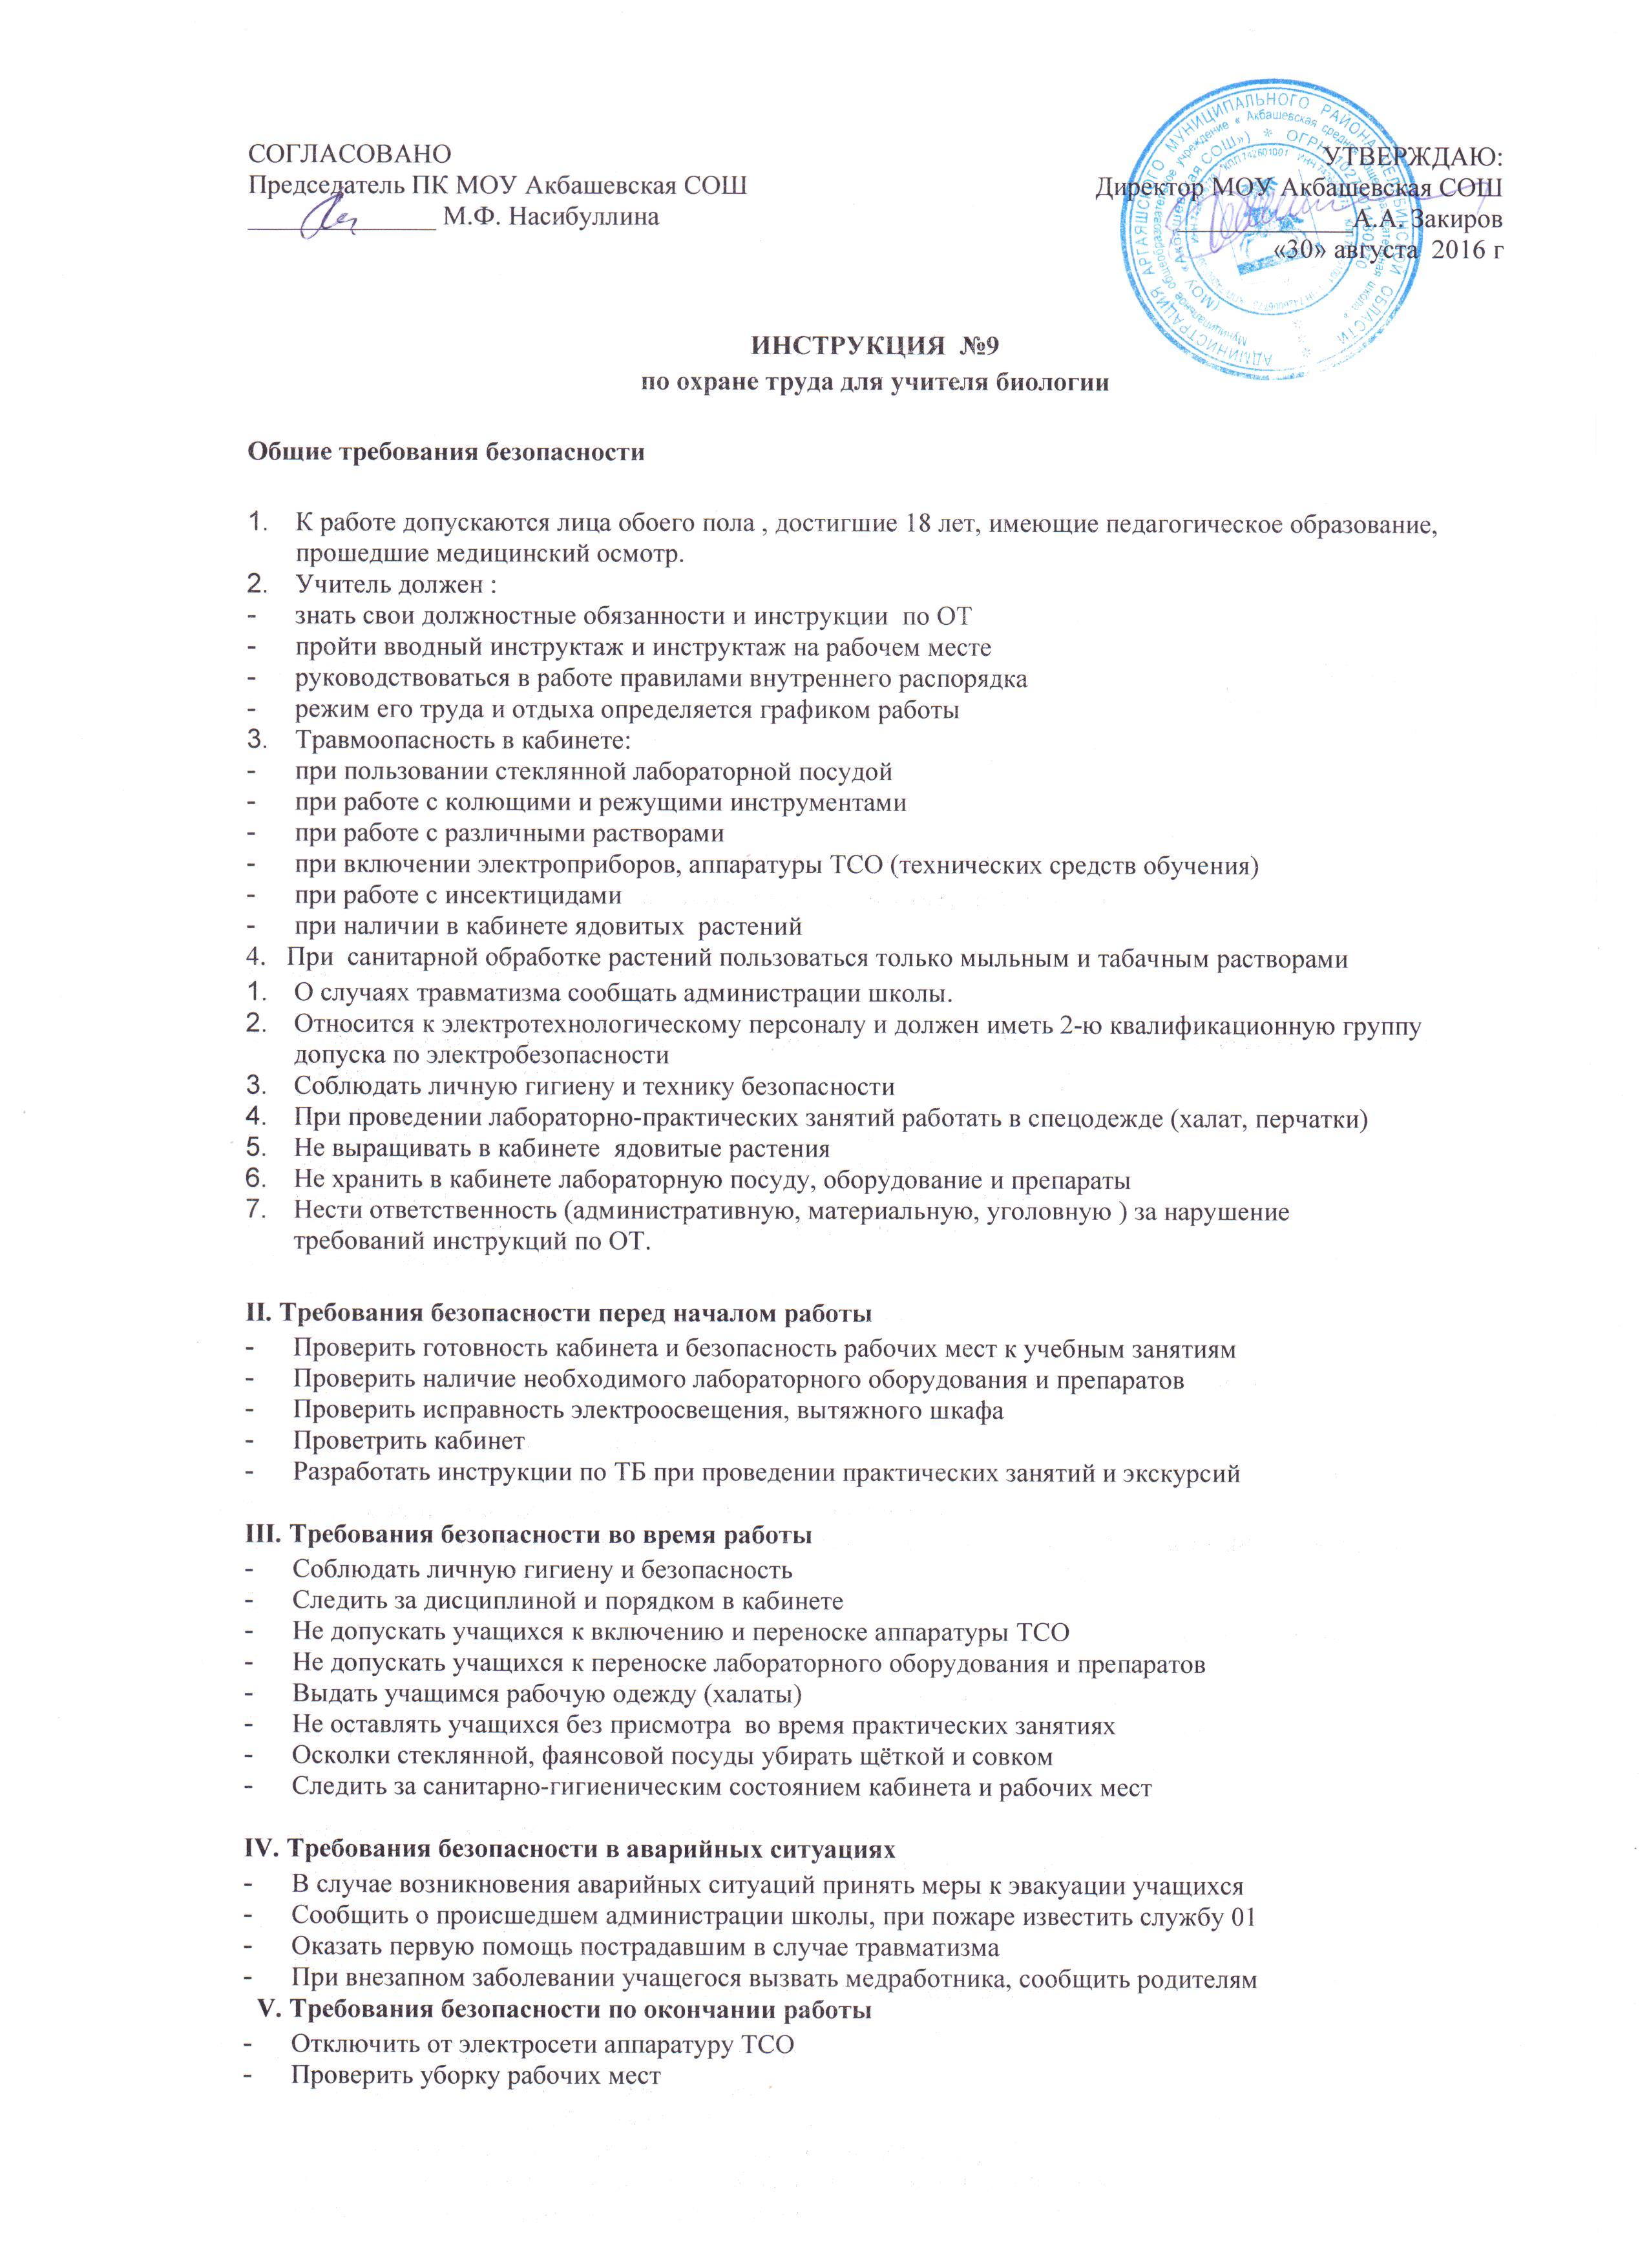 Инструкция по техники безопасности уборщицы